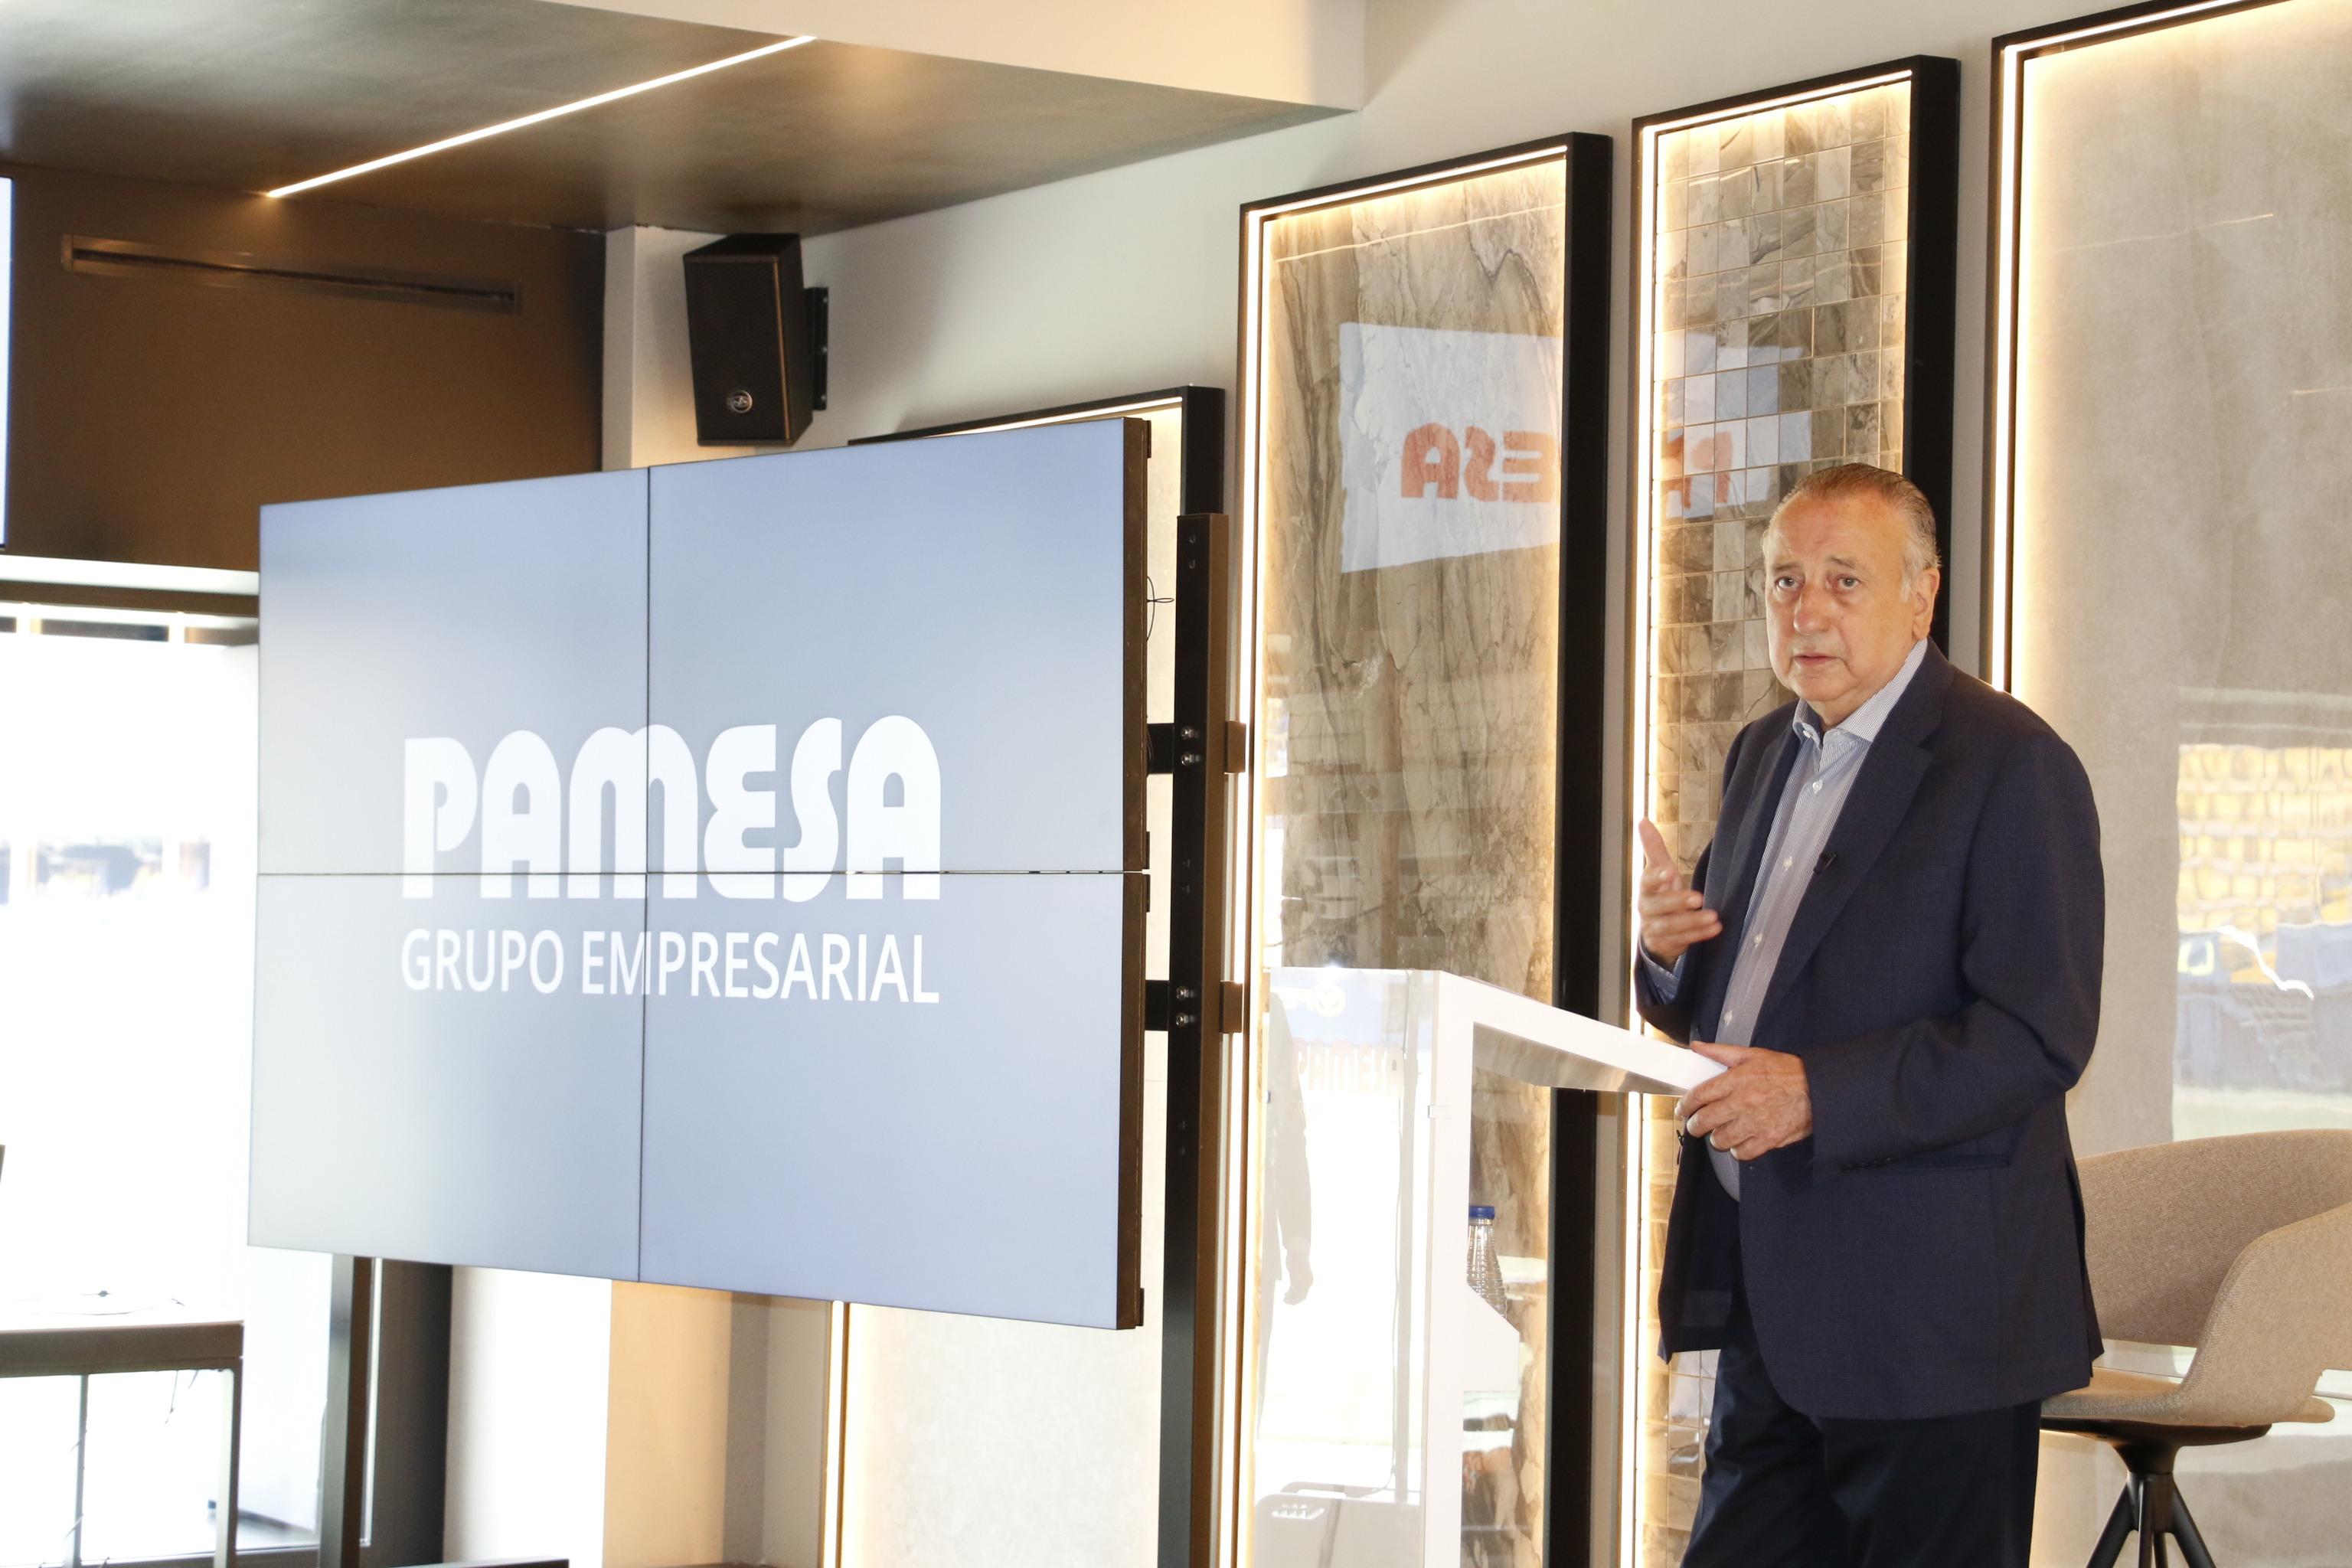 Fernando Roig, presidente de Grupo Pamesa, ha presentado los resultados de 2020 en el Estadio de la Cerámica.